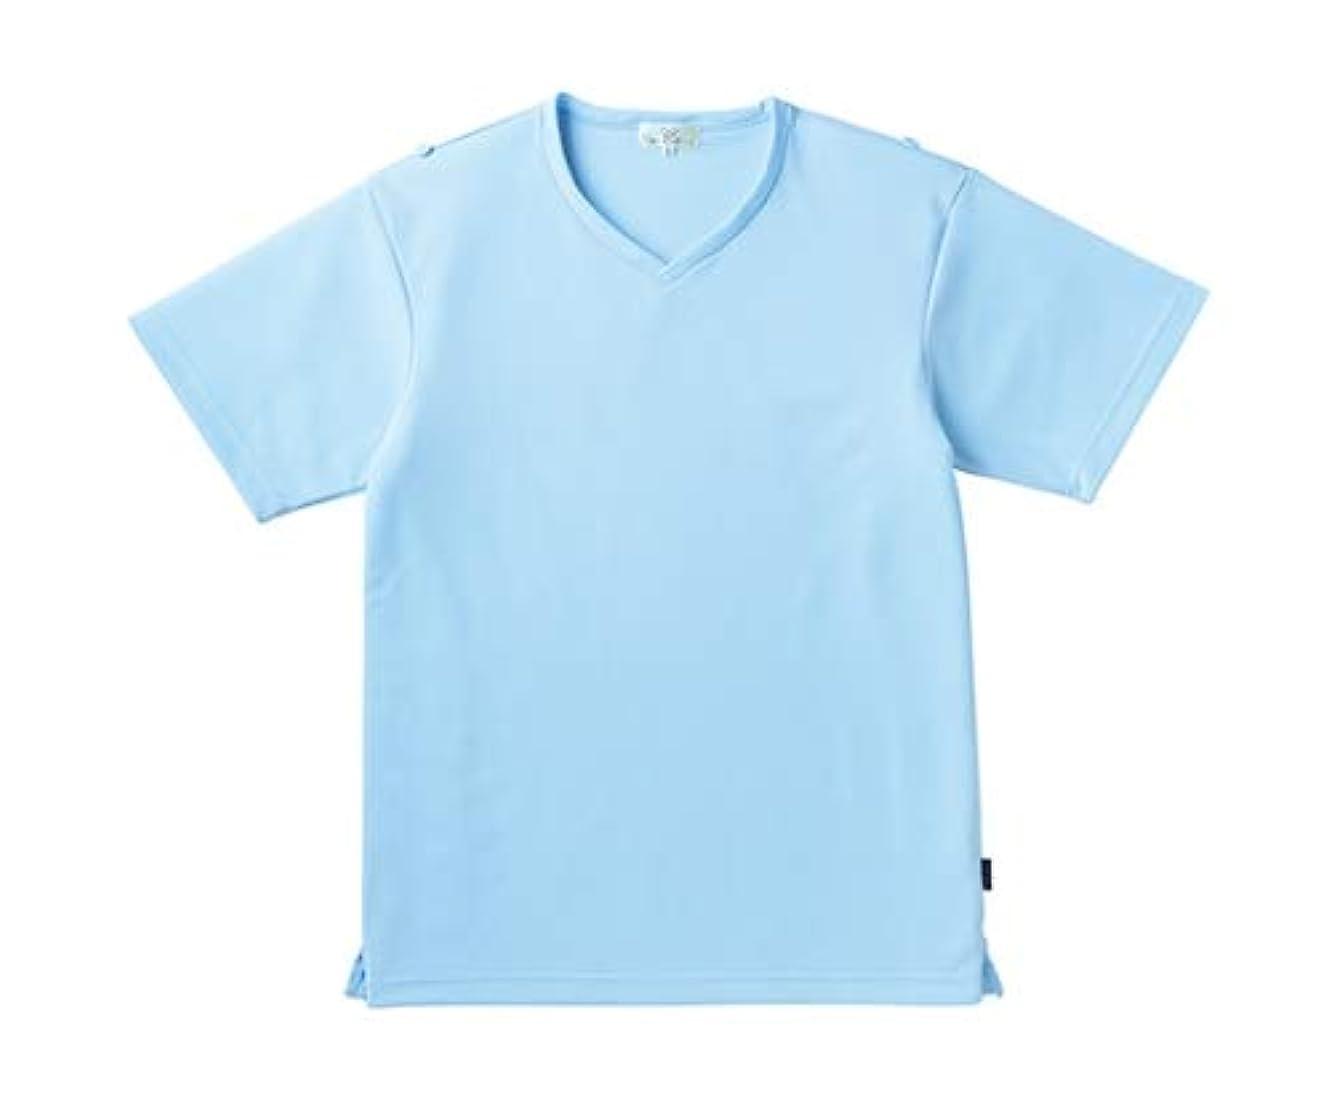 まとめる喜ぶ死の顎トンボ/KIRAKU 入浴介助用シャツ CR160 3L サックス